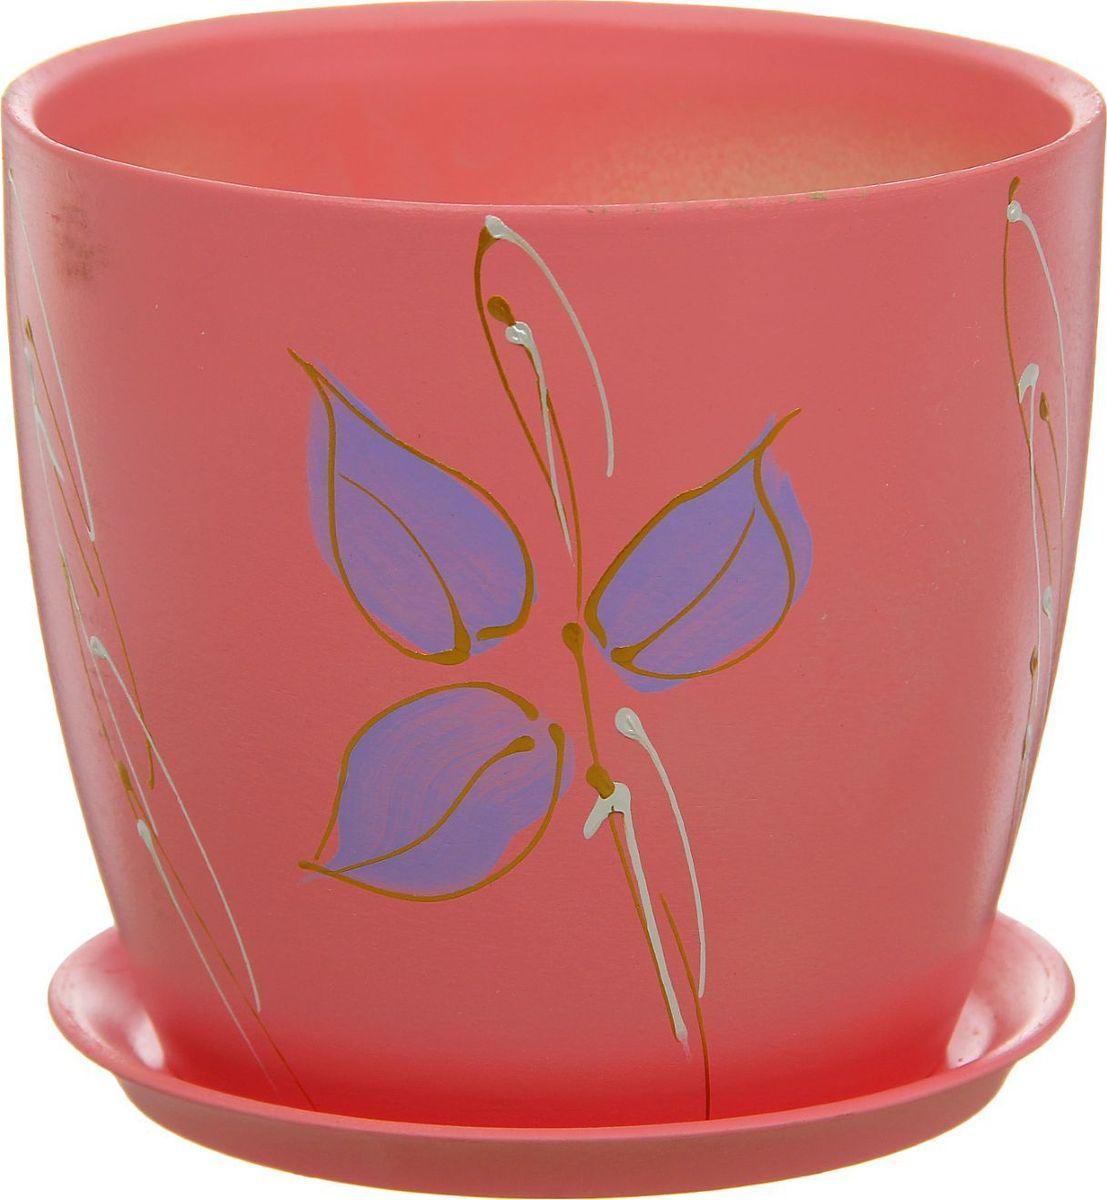 Кашпо Керамика ручной работы Осень. Роспись, цвет: красный, 3 л1170381Комнатные растения — всеобщие любимцы. Они радуют глаз, насыщают помещение кислородом и украшают пространство. Каждому из них необходим свой удобный и красивый дом. Кашпо из керамики прекрасно подходят для высадки растений: за счёт пластичности глины и разных способов обработки существует великое множество форм и дизайновпористый материал позволяет испаряться лишней влагевоздух, необходимый для дыхания корней, проникает сквозь керамические стенки! #name# позаботится о зелёном питомце, освежит интерьер и подчеркнёт его стиль.